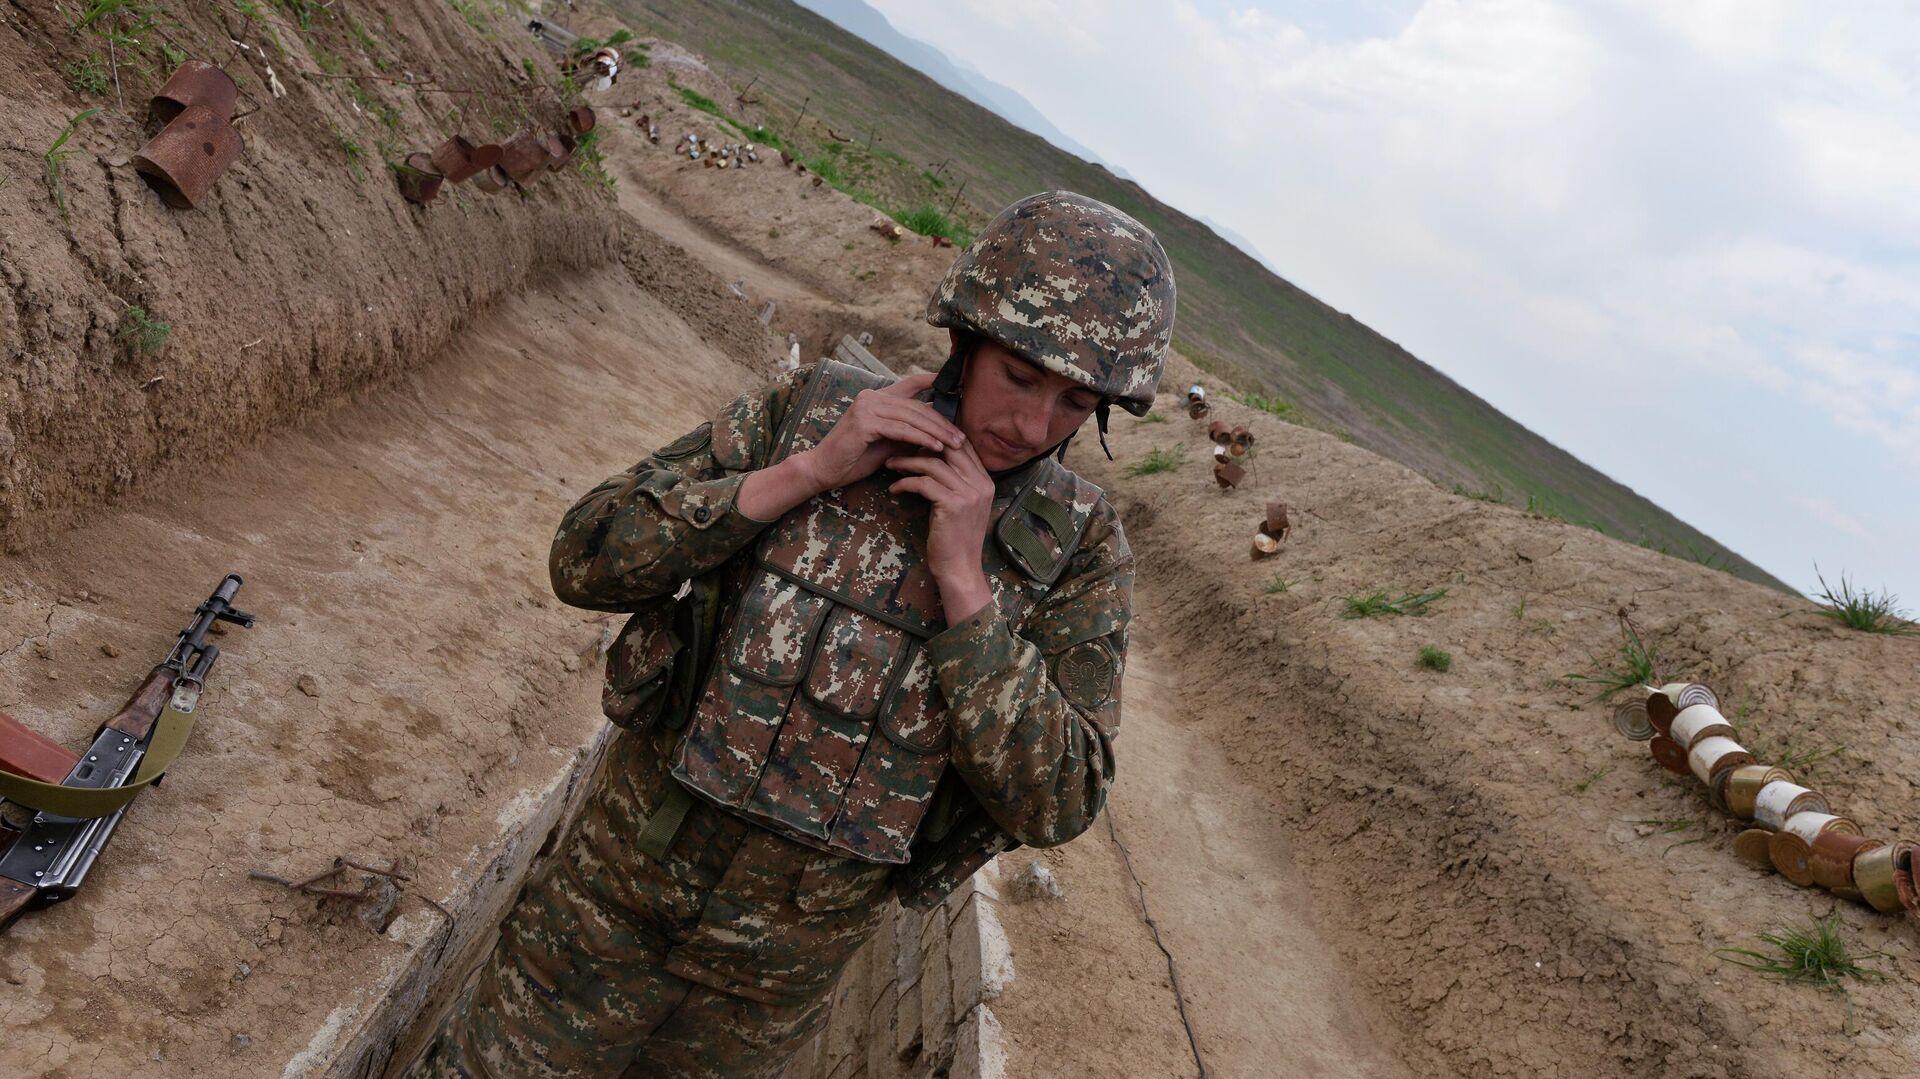 Военнослужащий в зоне карабахского конфликта - РИА Новости, 1920, 28.09.2020